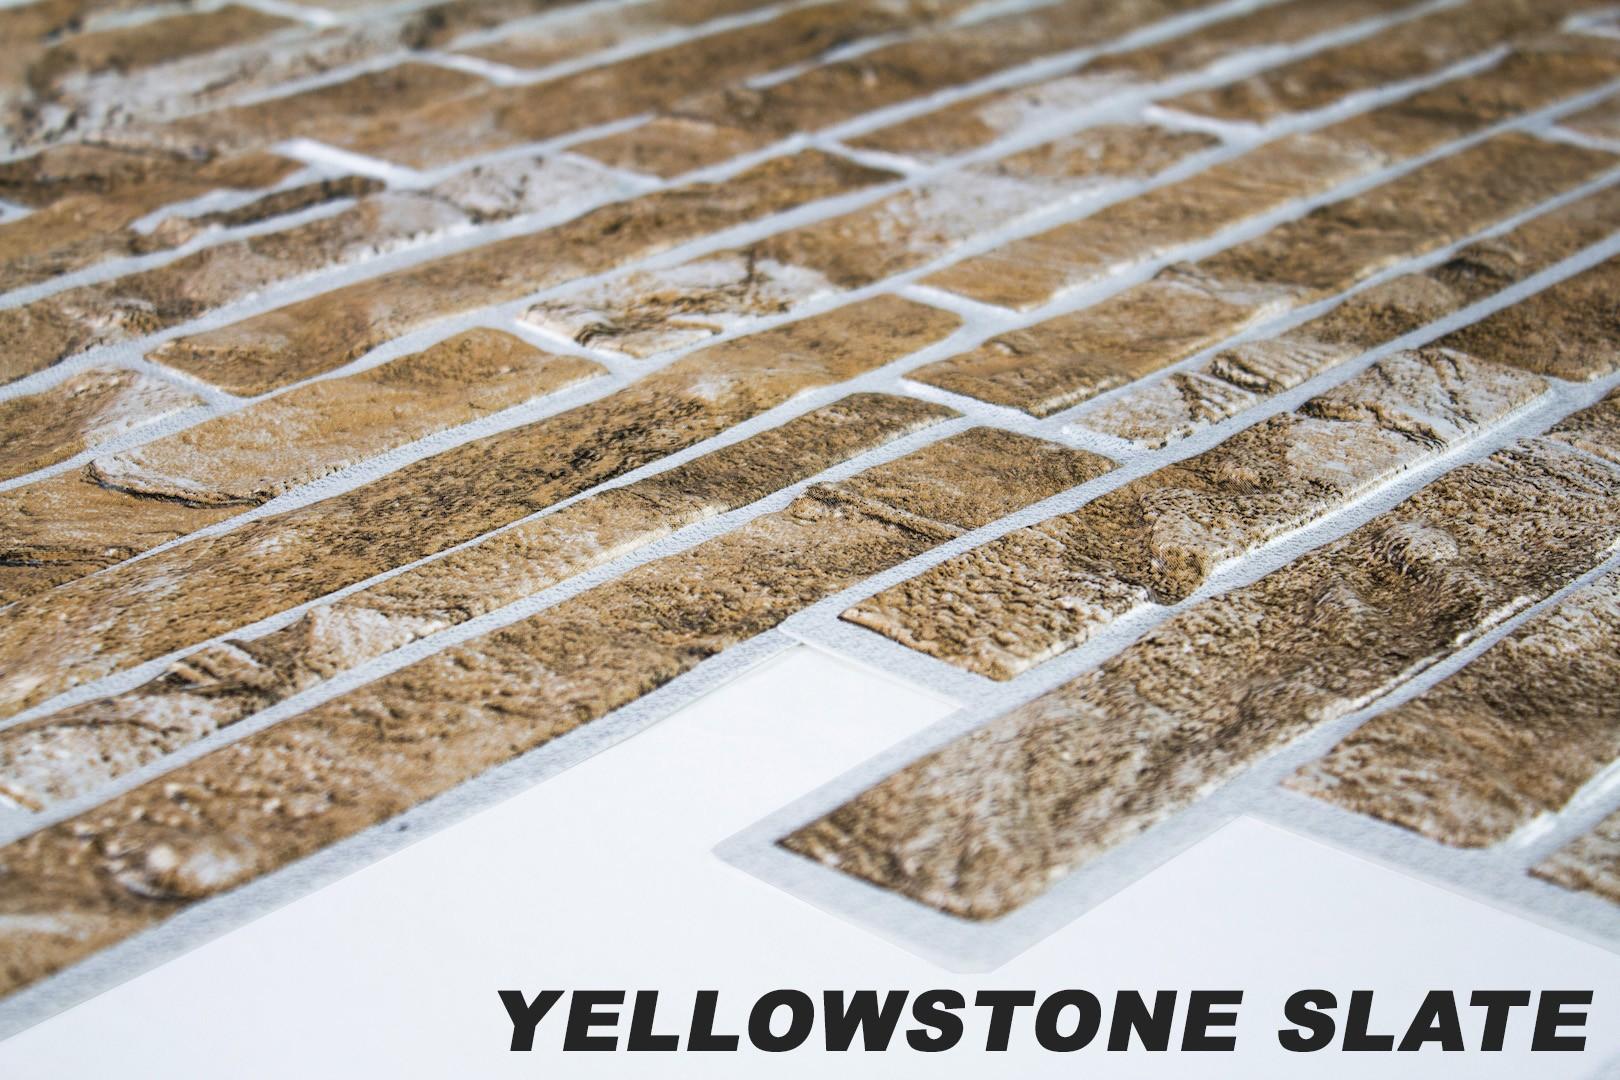 Yellowstone slate originalbild 1